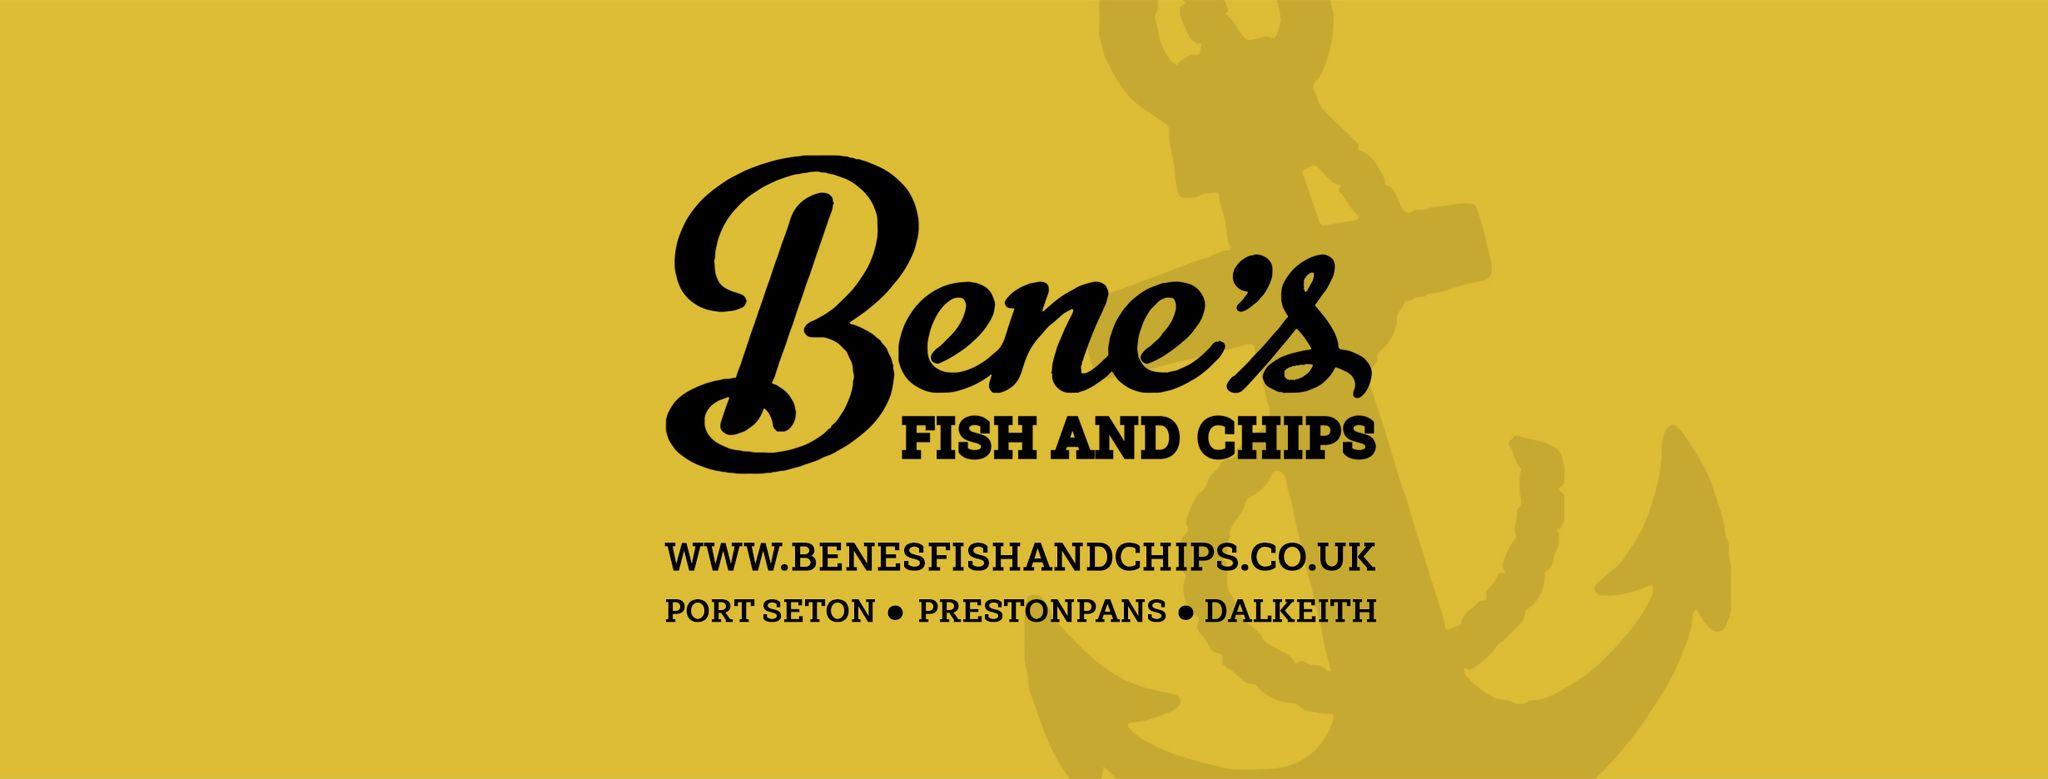 benesfishandchips